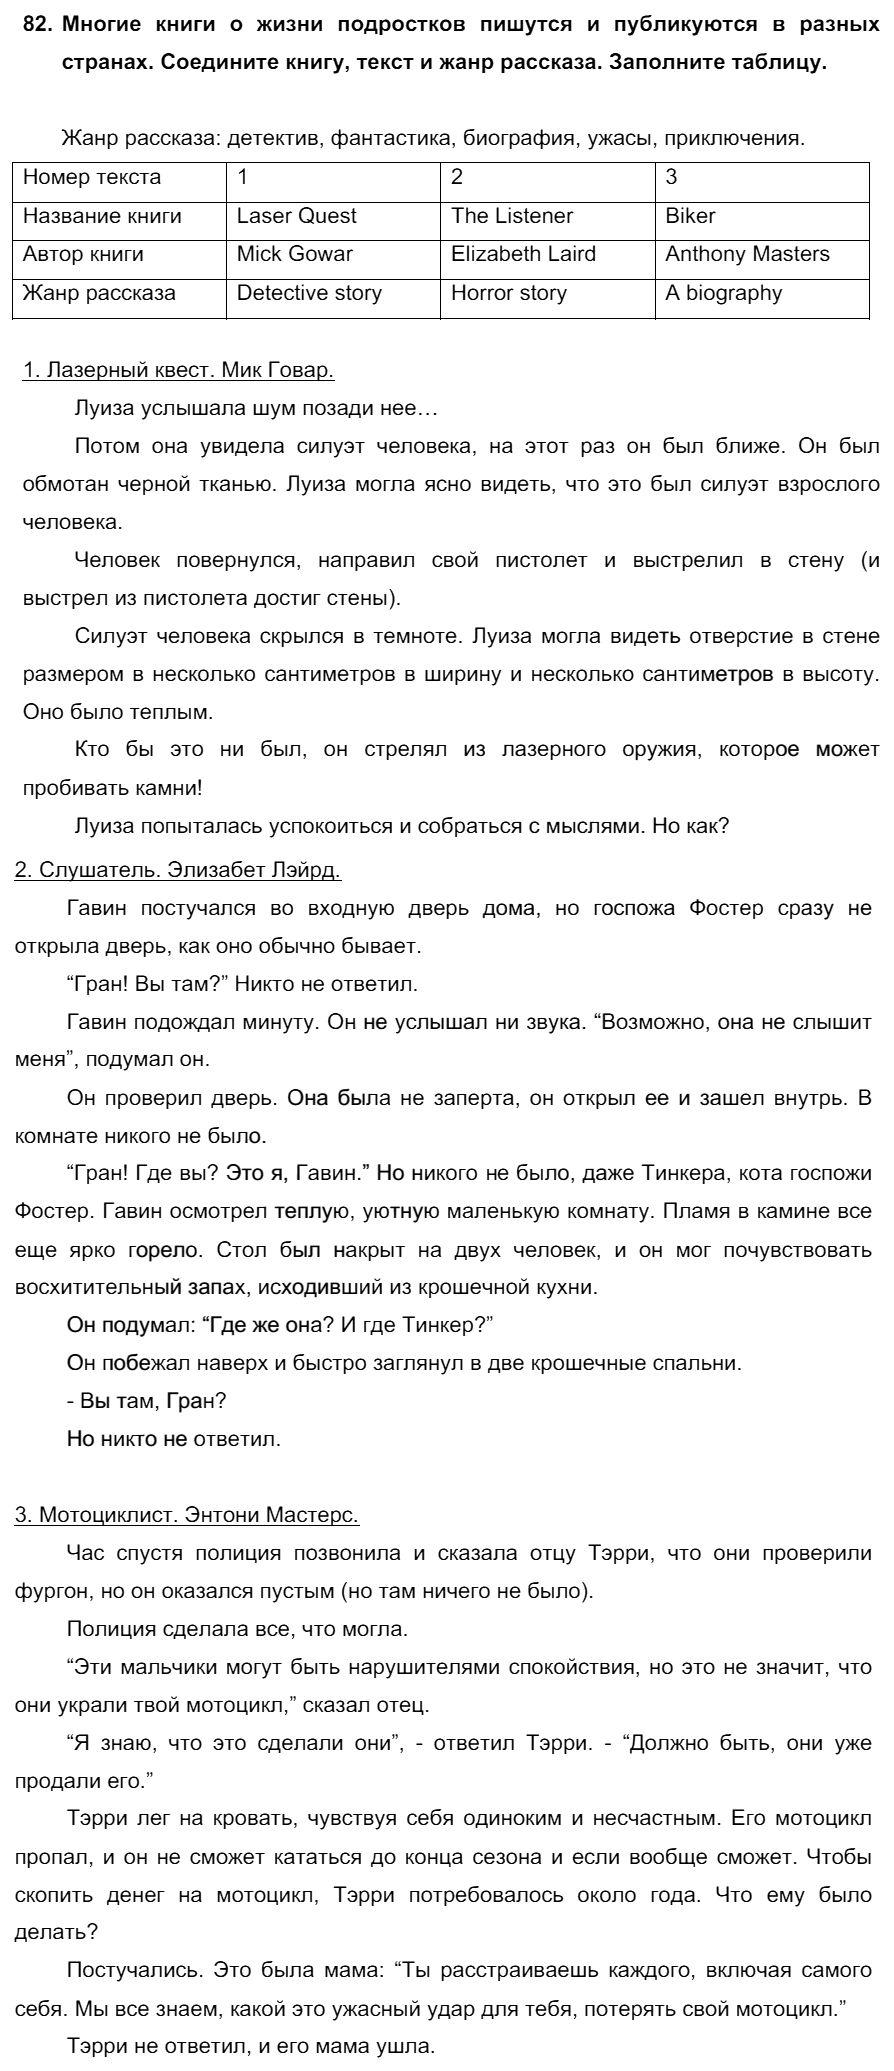 Английский язык 7 класс Биболетова М. З. Unit 3. Взгляните на проблемы подростков: школьное образование / Разделы 1-9: 82